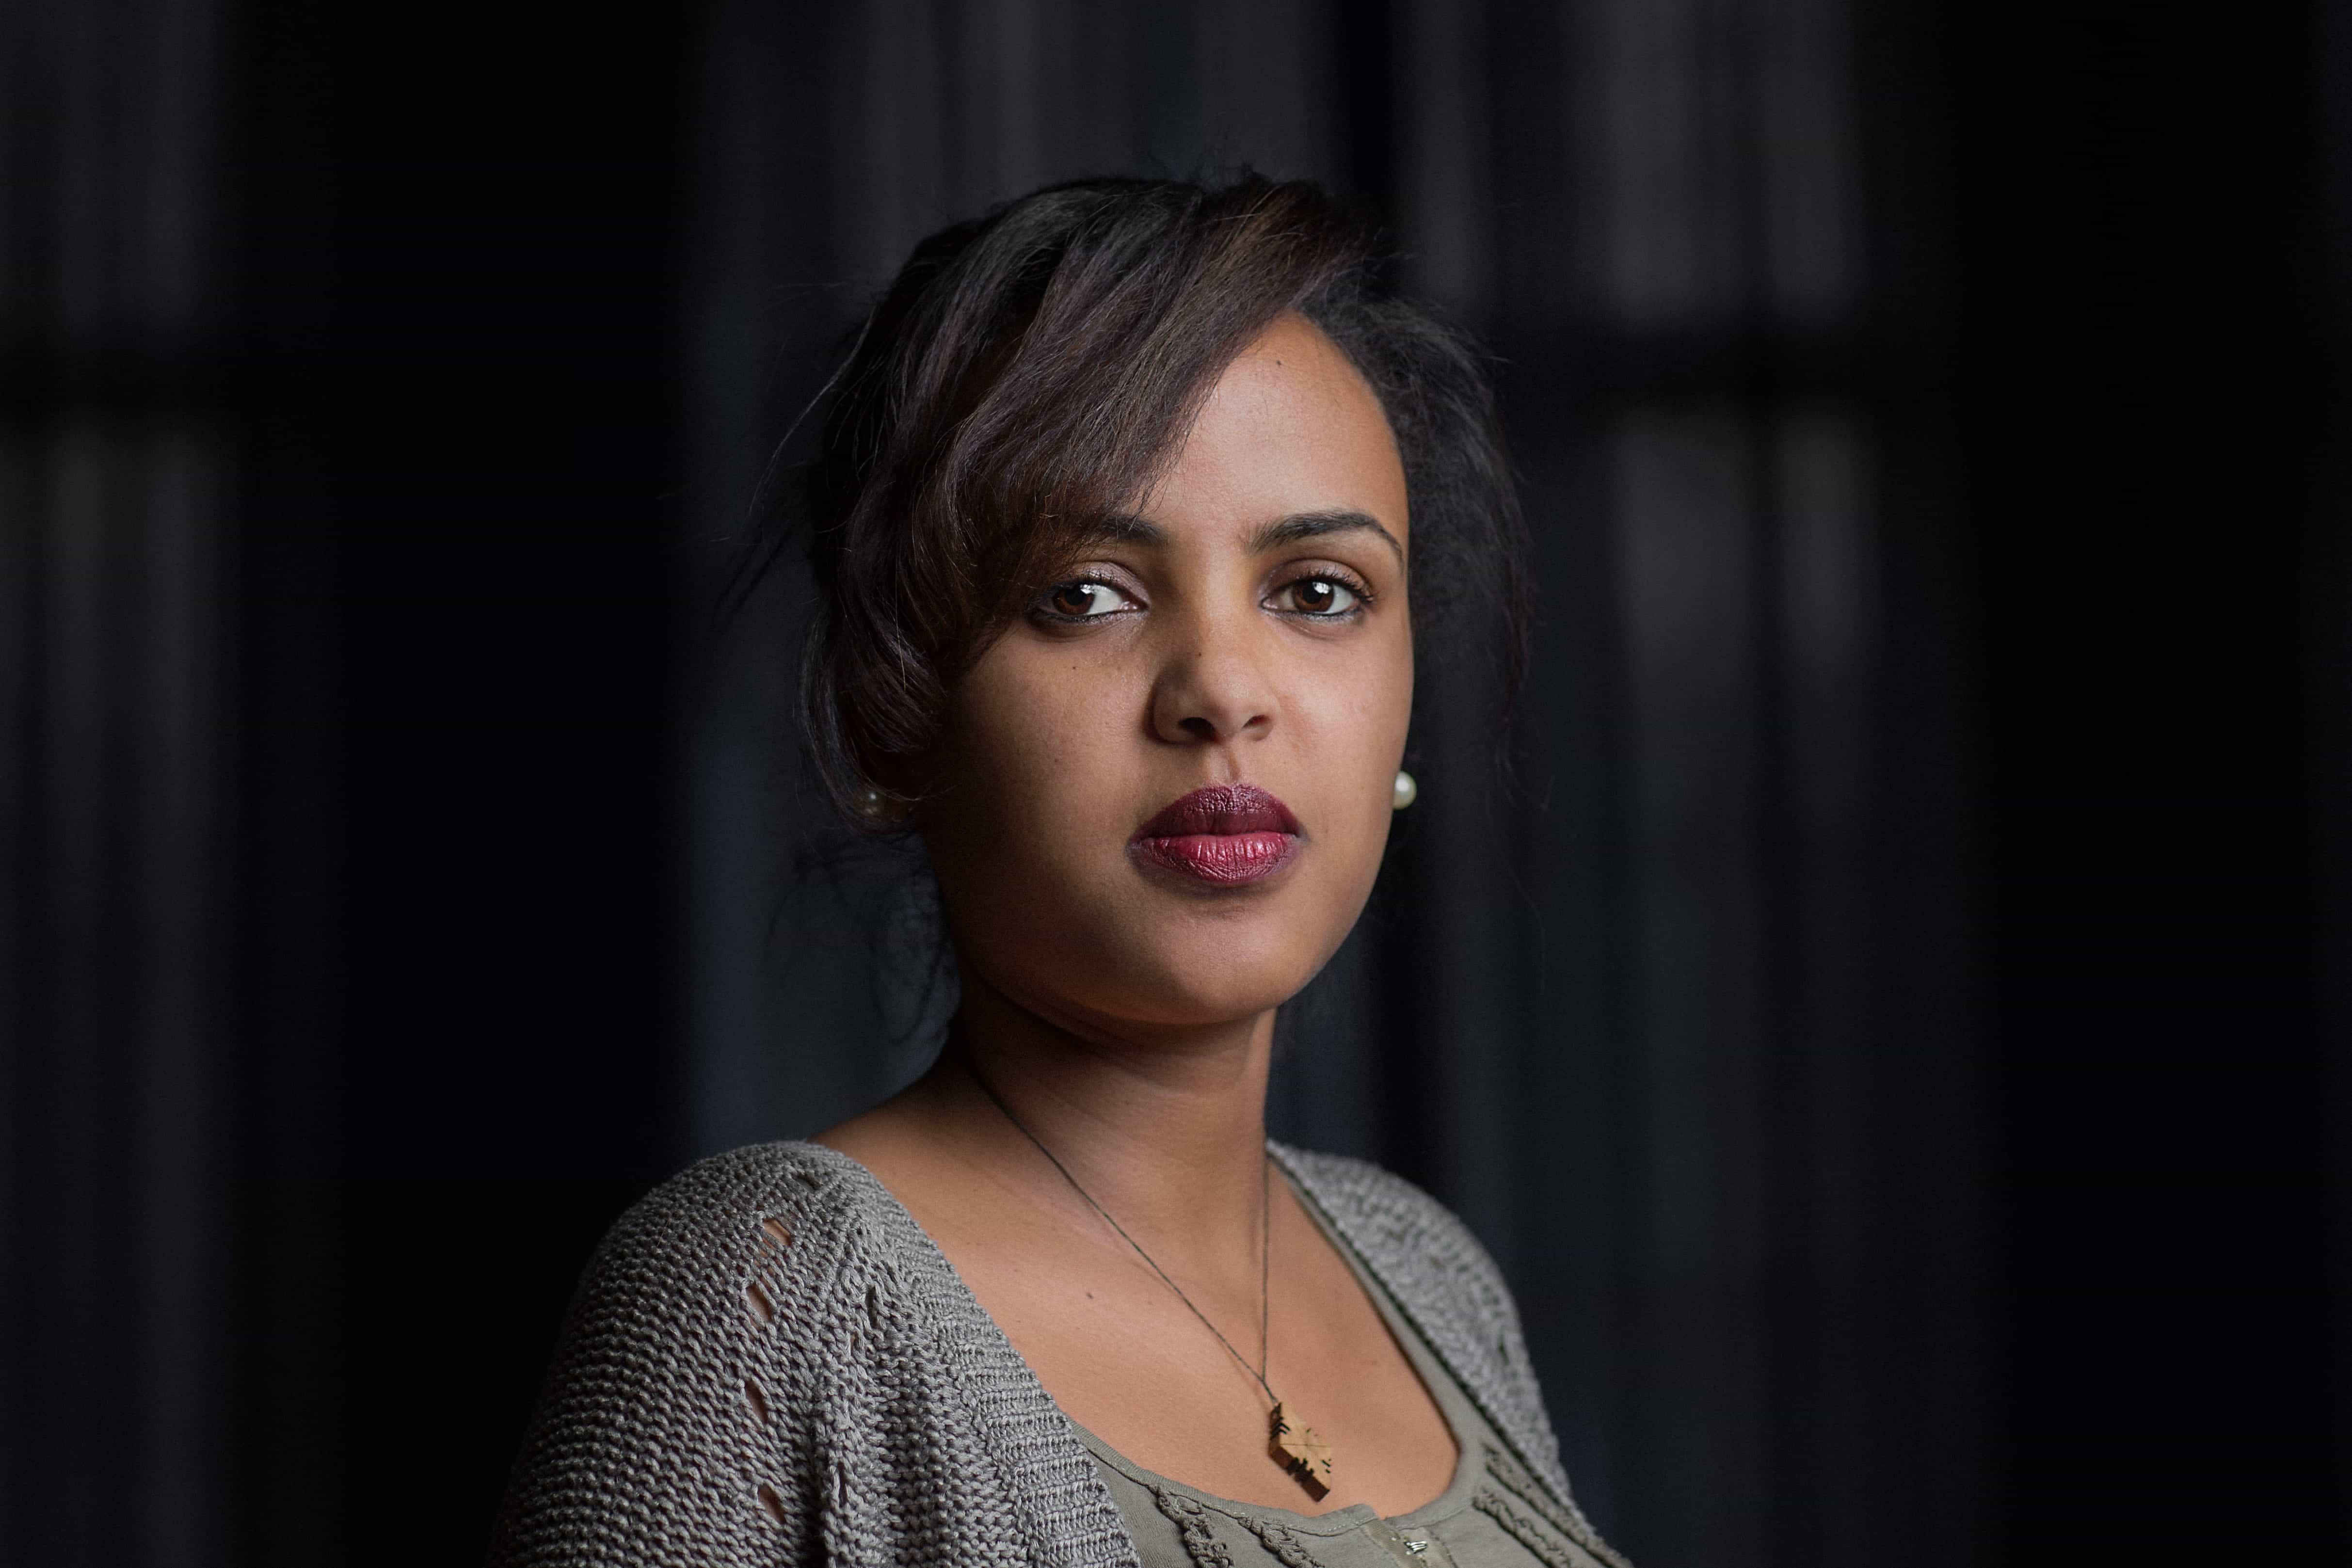 Fana flüchtet aus Eritrea. Für eine bessere Zukunft in